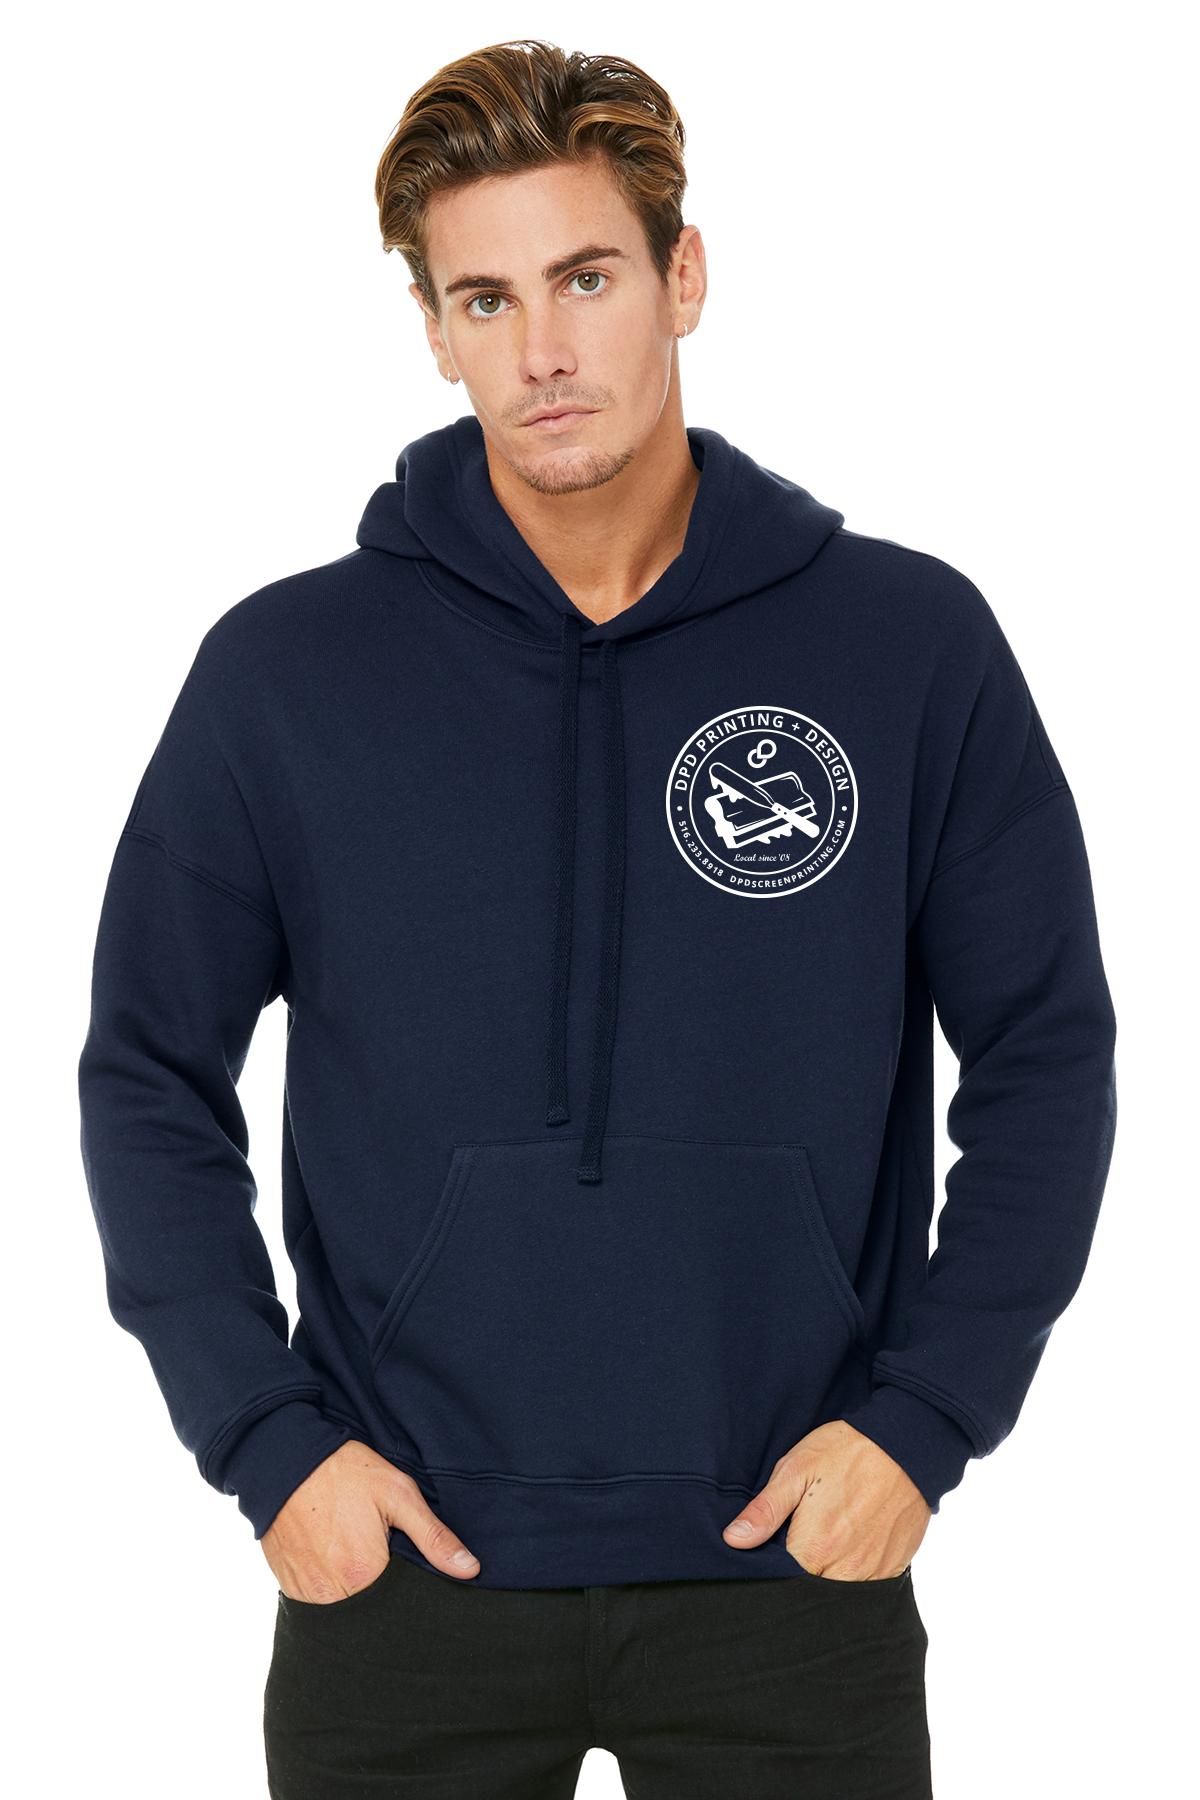 Hoodies - Pullovers, Zip-ups, Crew Necks